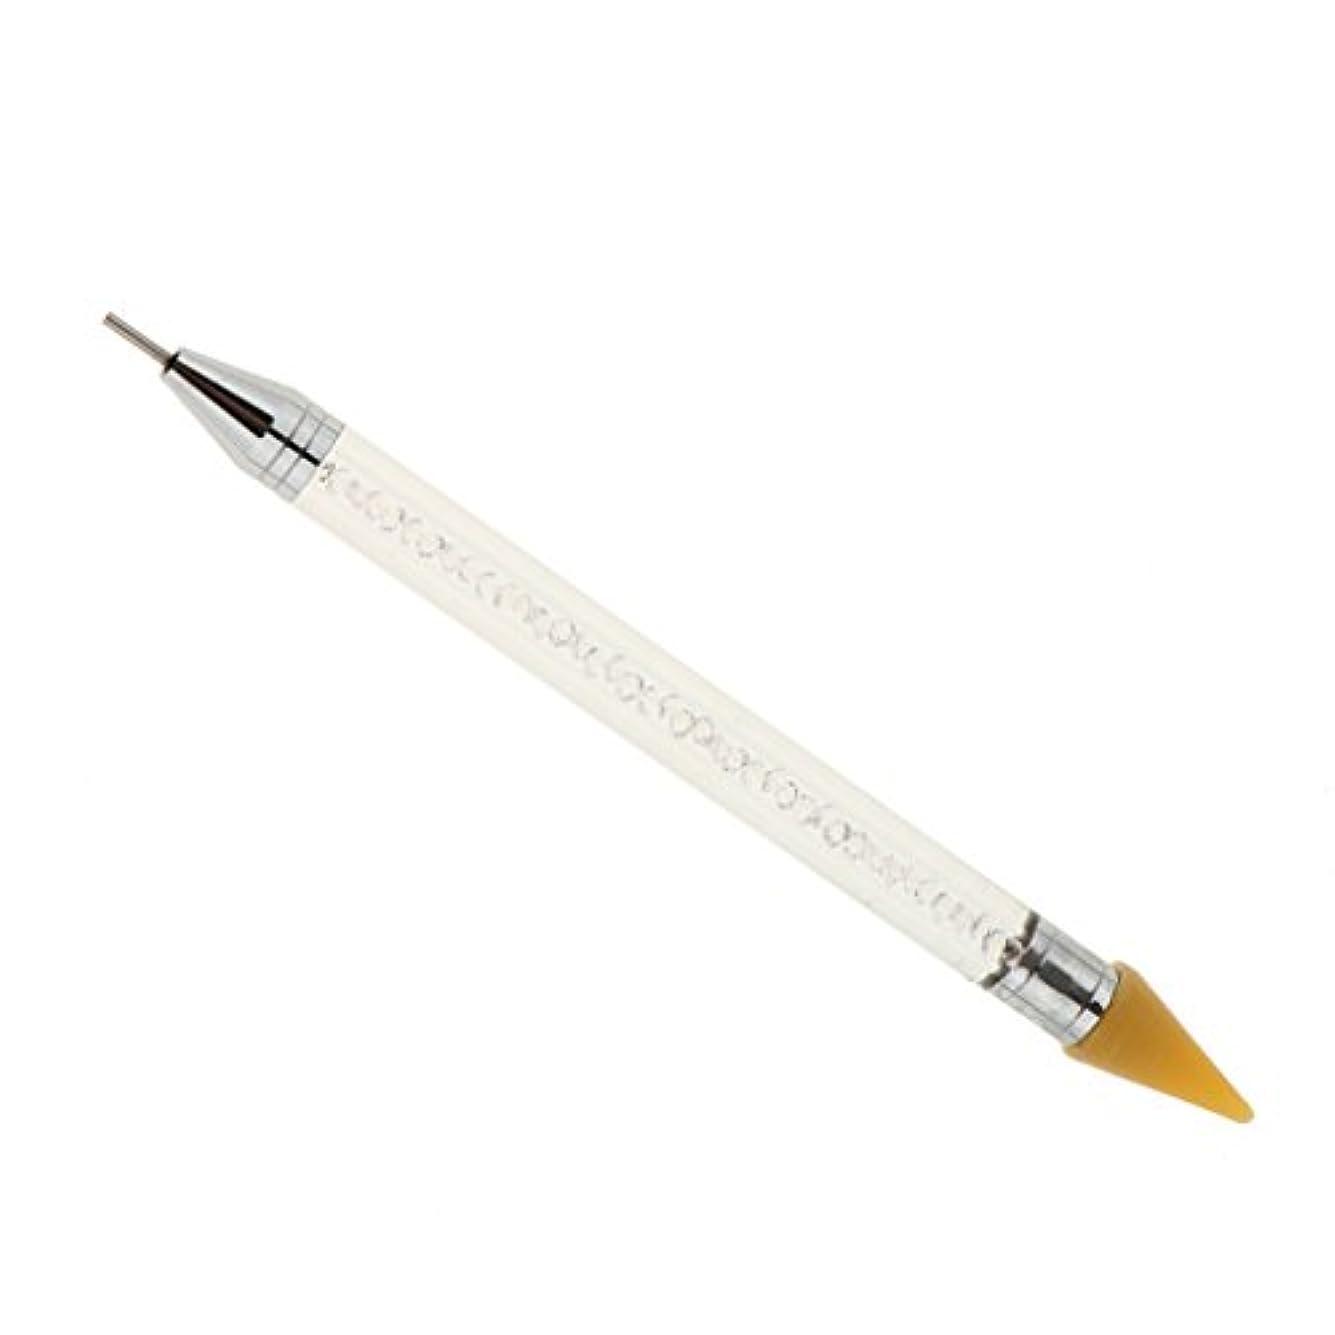 ミサイルモールス信号眠っているデュアルエンドドットペン、ラインストーンピッカーワックスペンシルマニキュアネイルアートツール